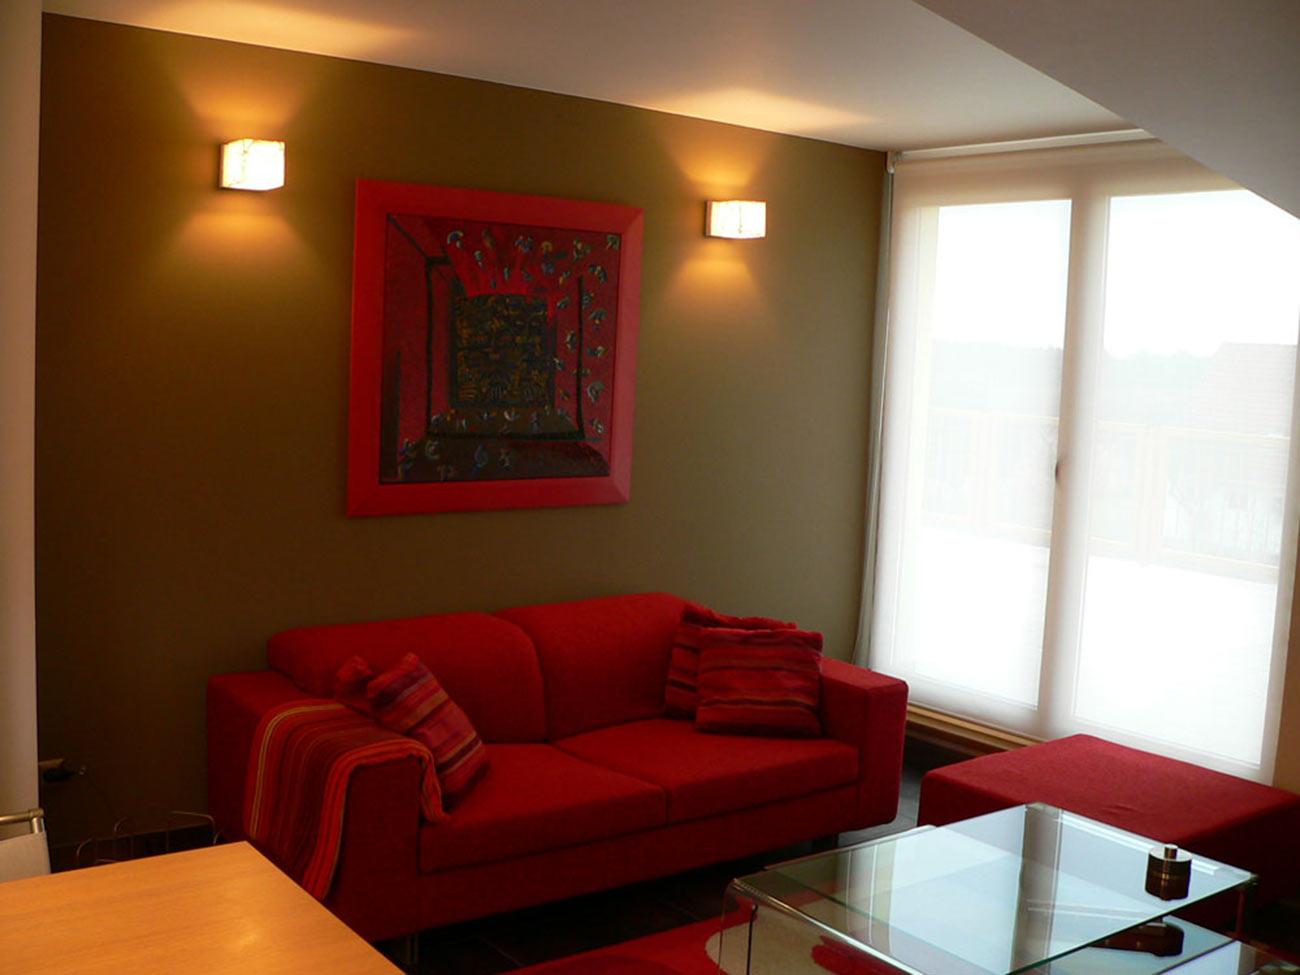 Sedací souprava se stejně barevným rámem osobního obrazu majitelky a kontrastně laděná stěna.